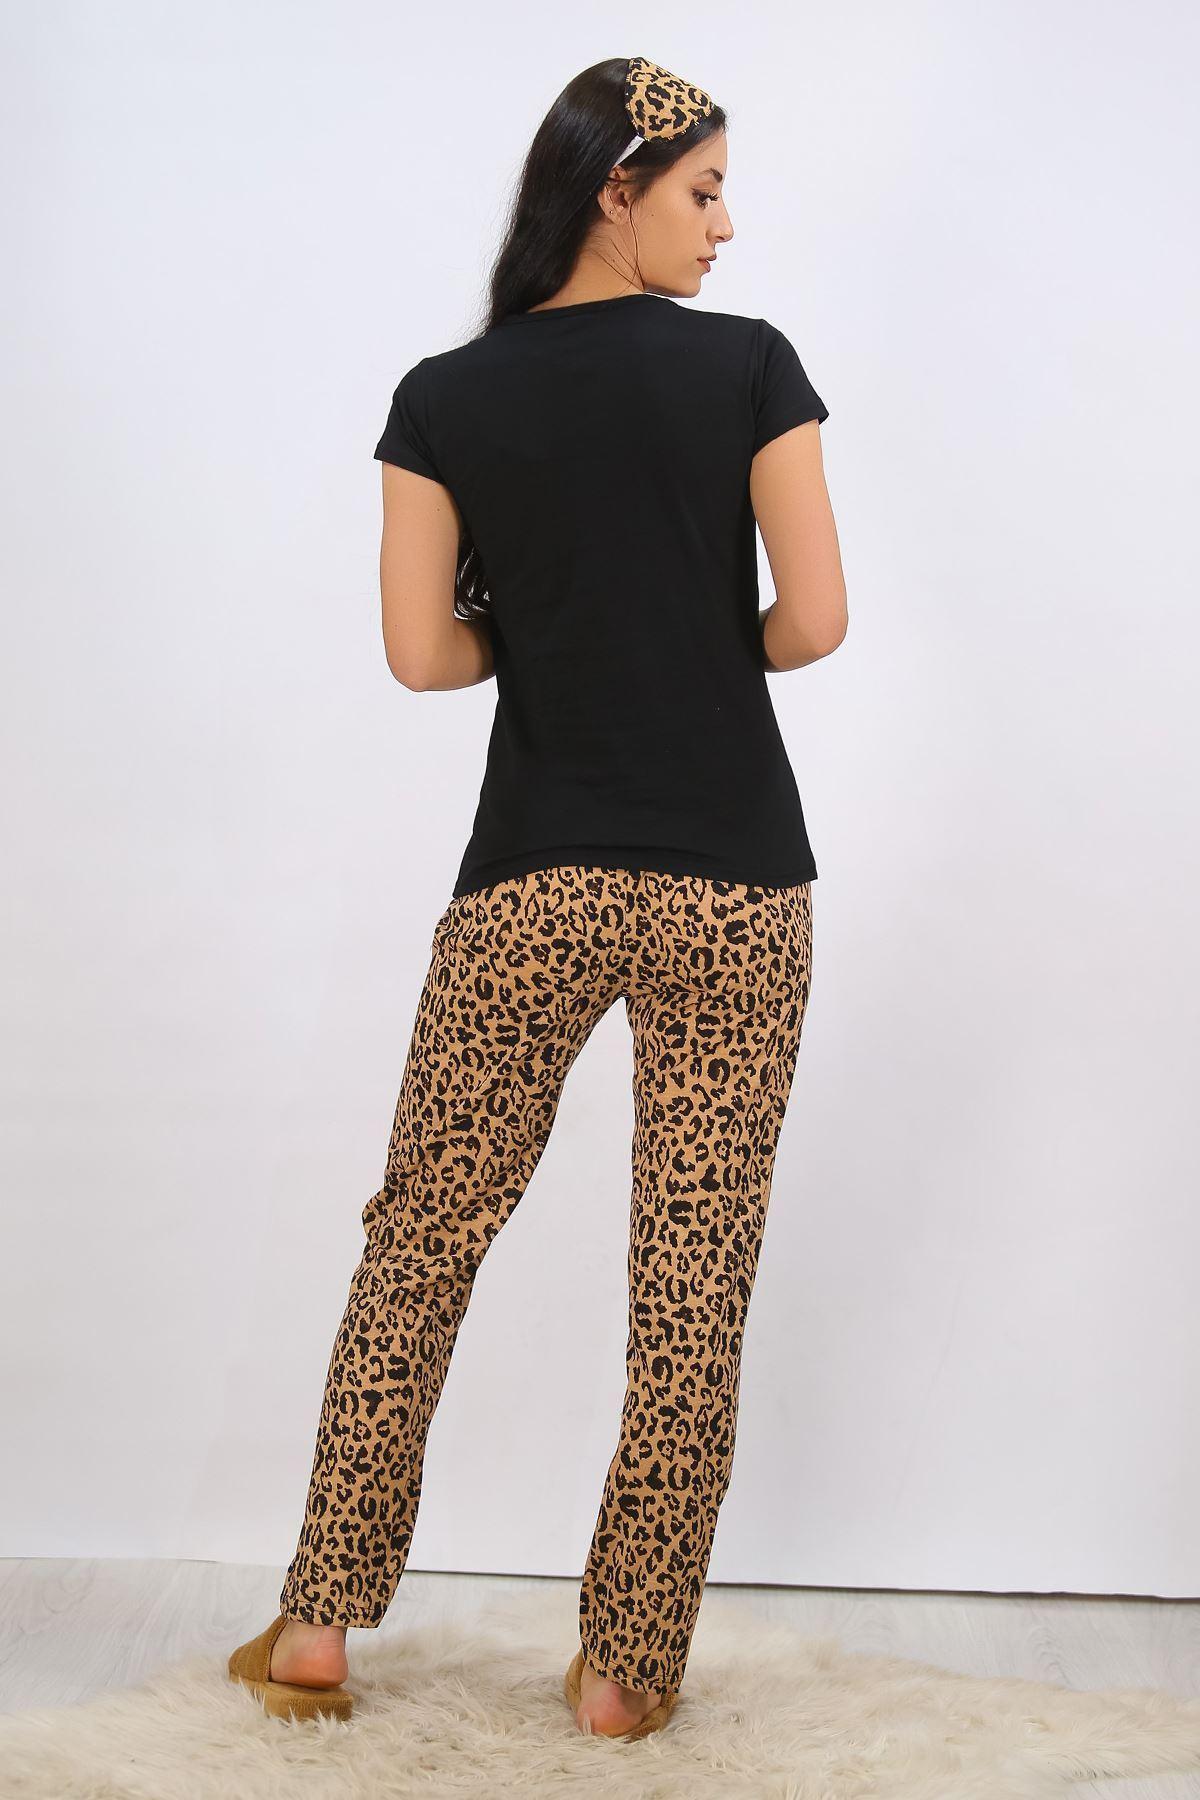 Baskılı Pijama Takımı Siyah - 4710.102.